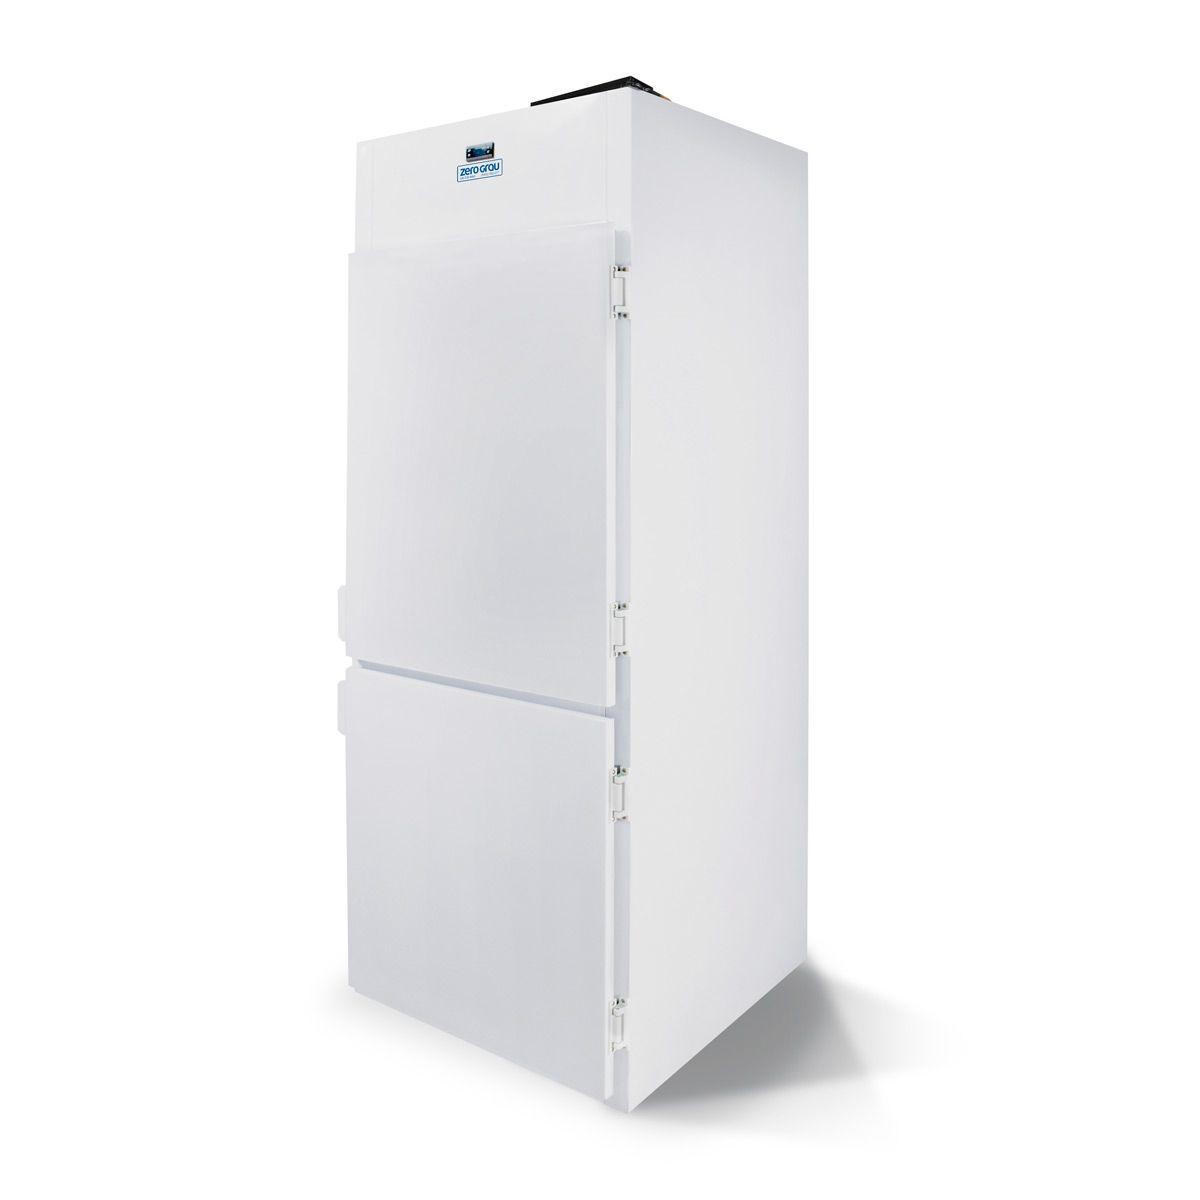 Refrigerador 2 Portas 950 Litros Até -7 Graus